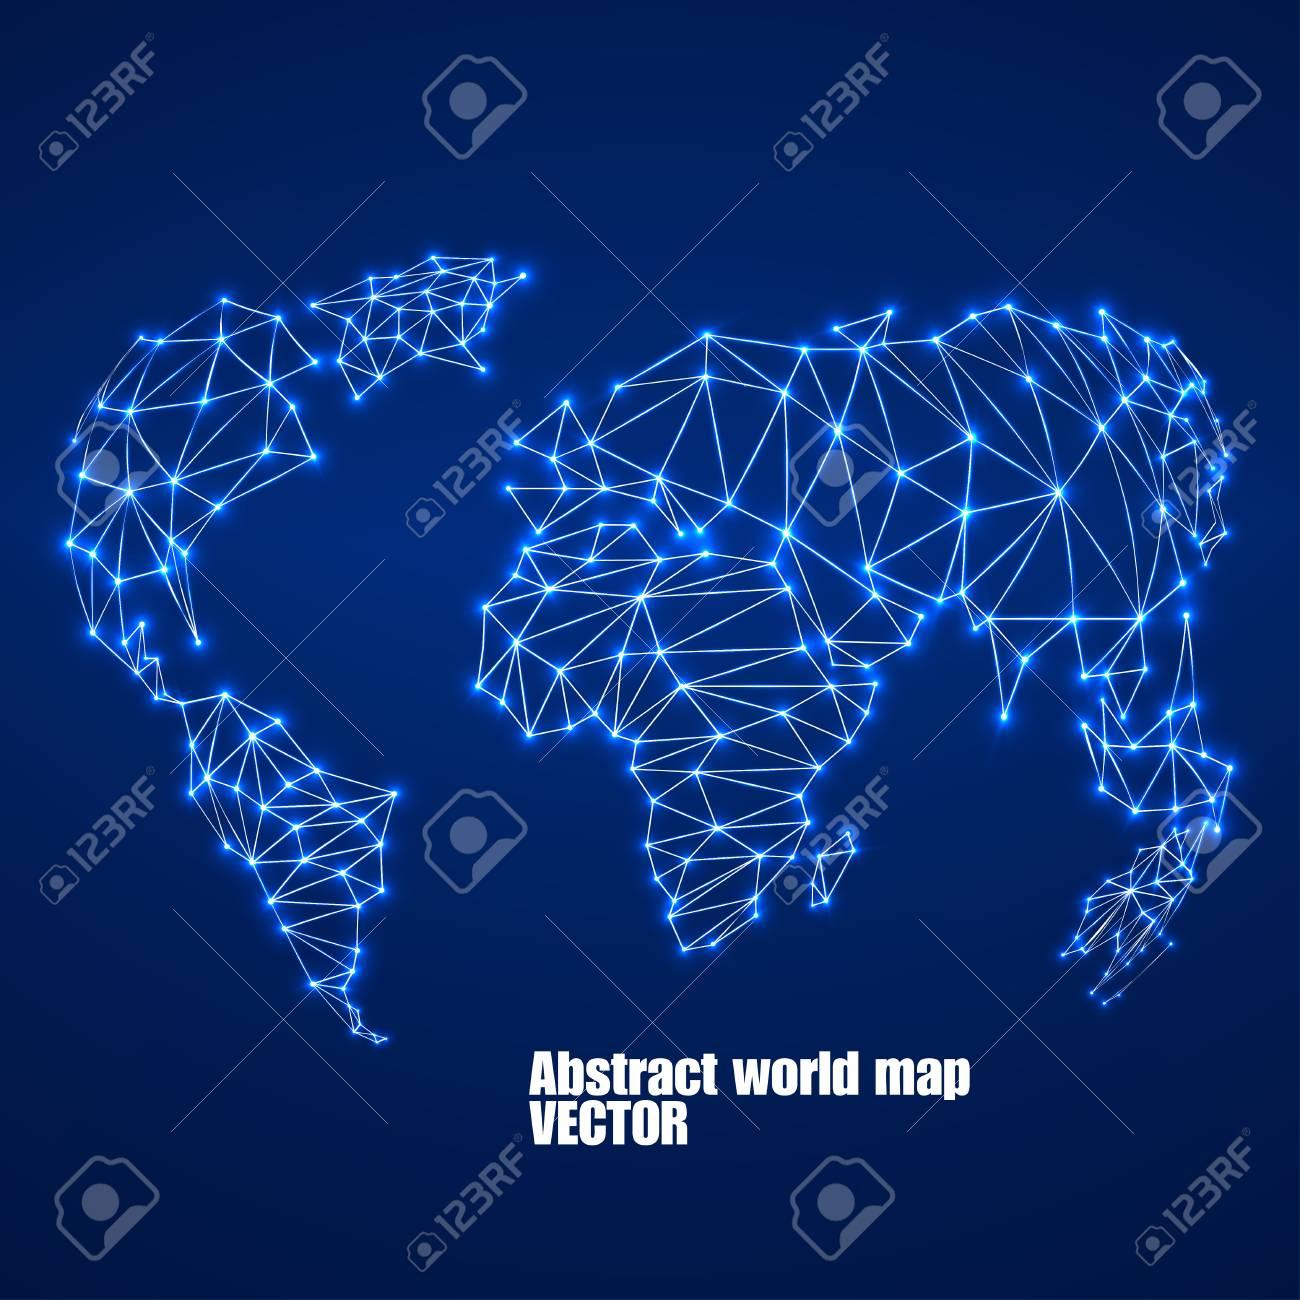 Carte Du Monde Lumineuse.Carte Du Monde Polygonale Abstraite Avec Des Points Lumineux Et Des Lignes Des Connexions Reseau Illustration Vectorielle Eps 10